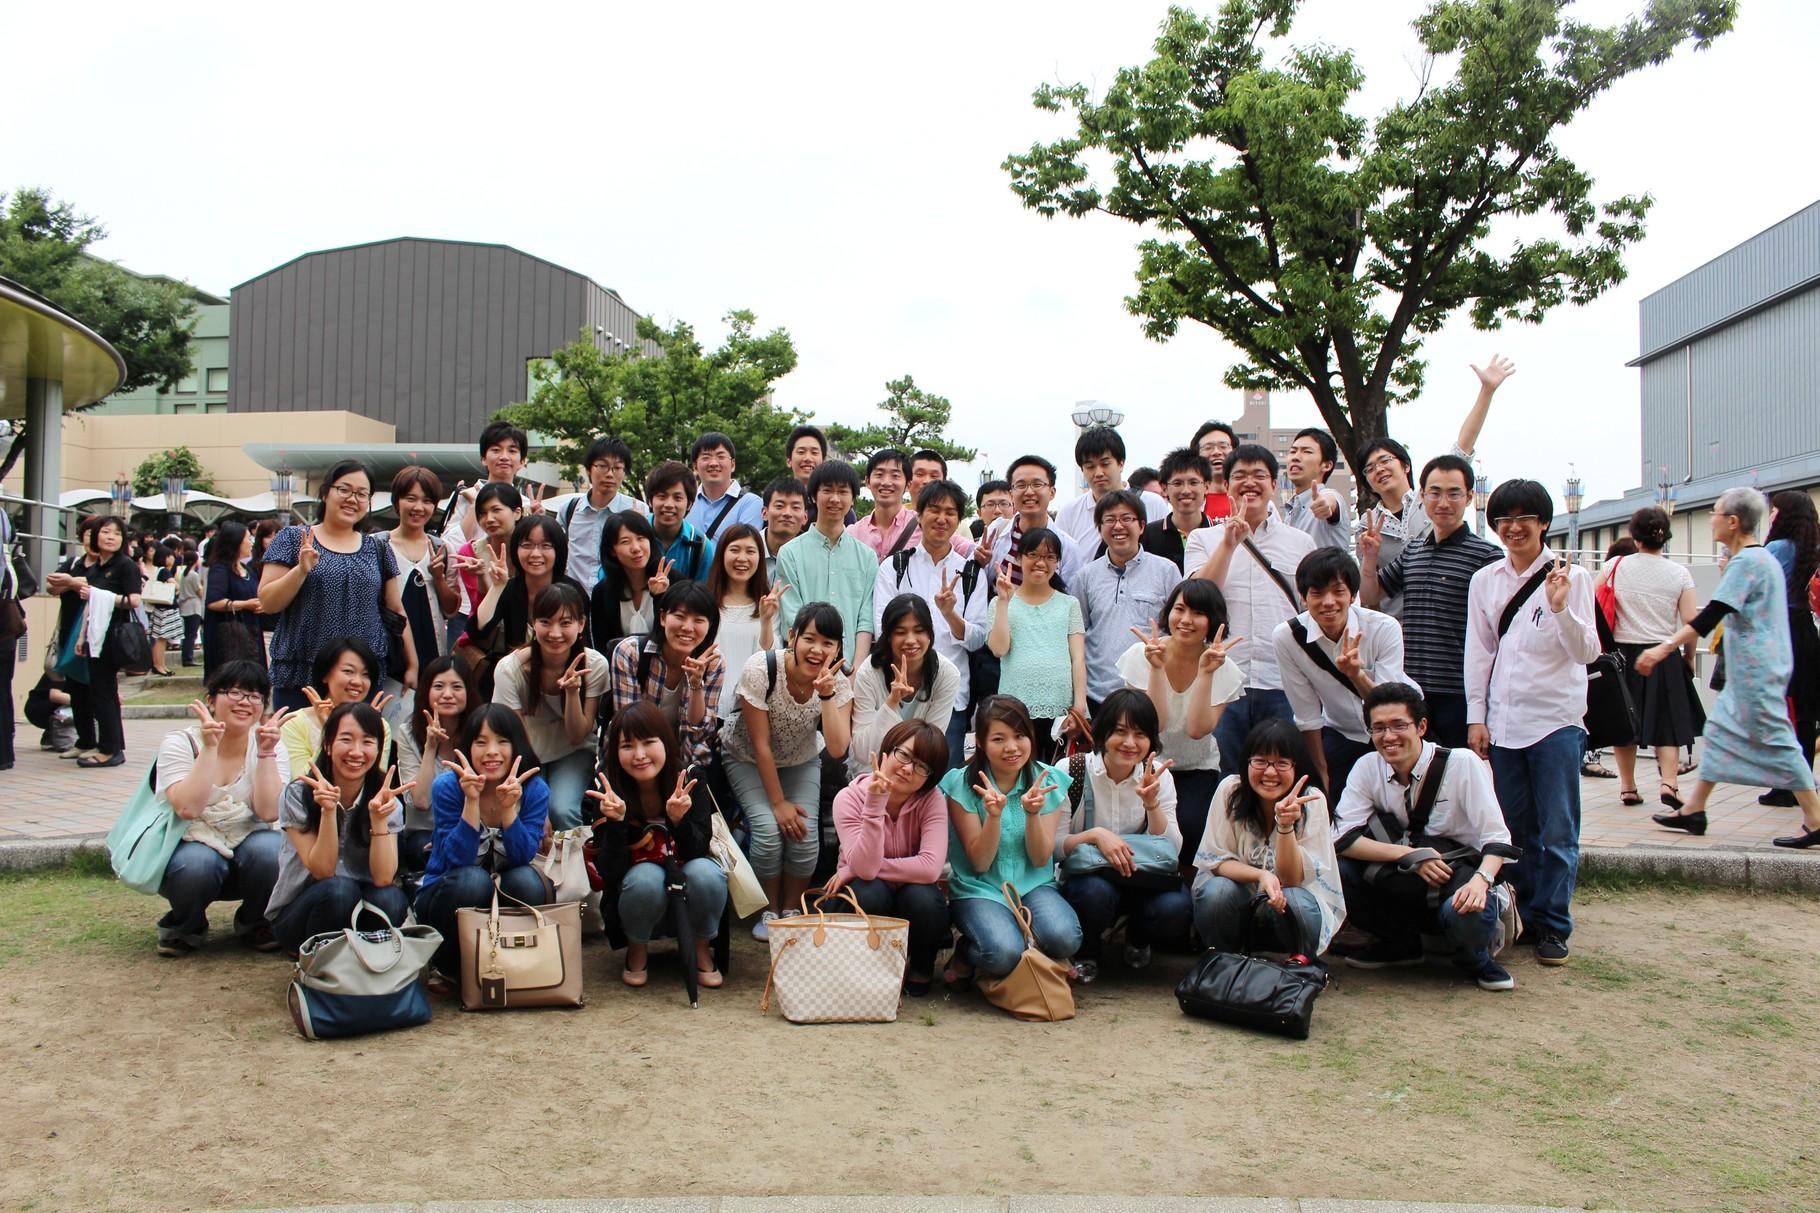 第54回愛知県合唱祭(2015.6.14)